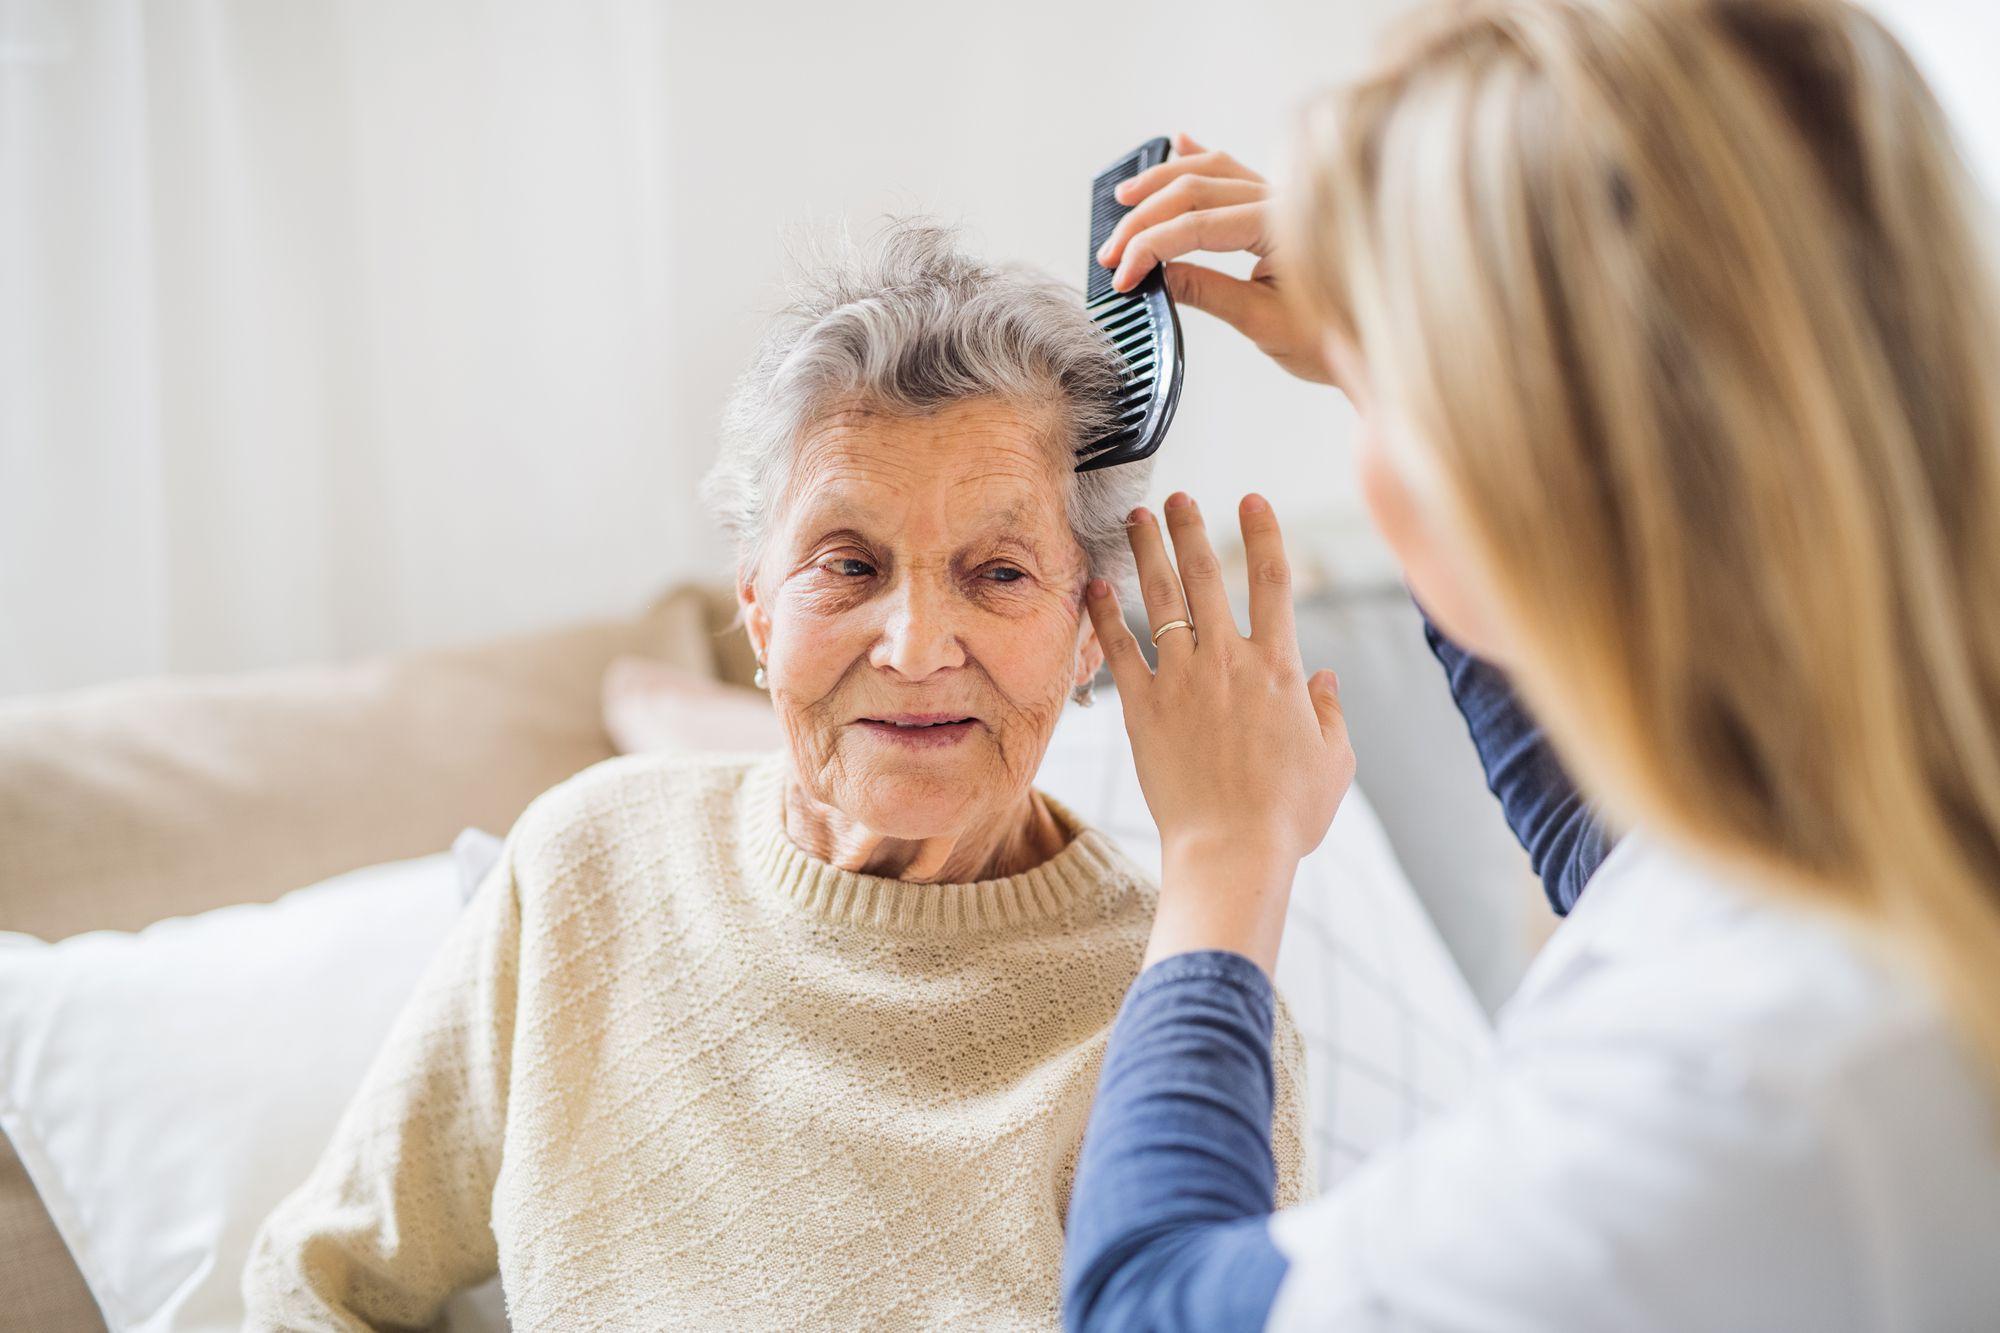 Descubra quais são as funções do cuidador domiciliar